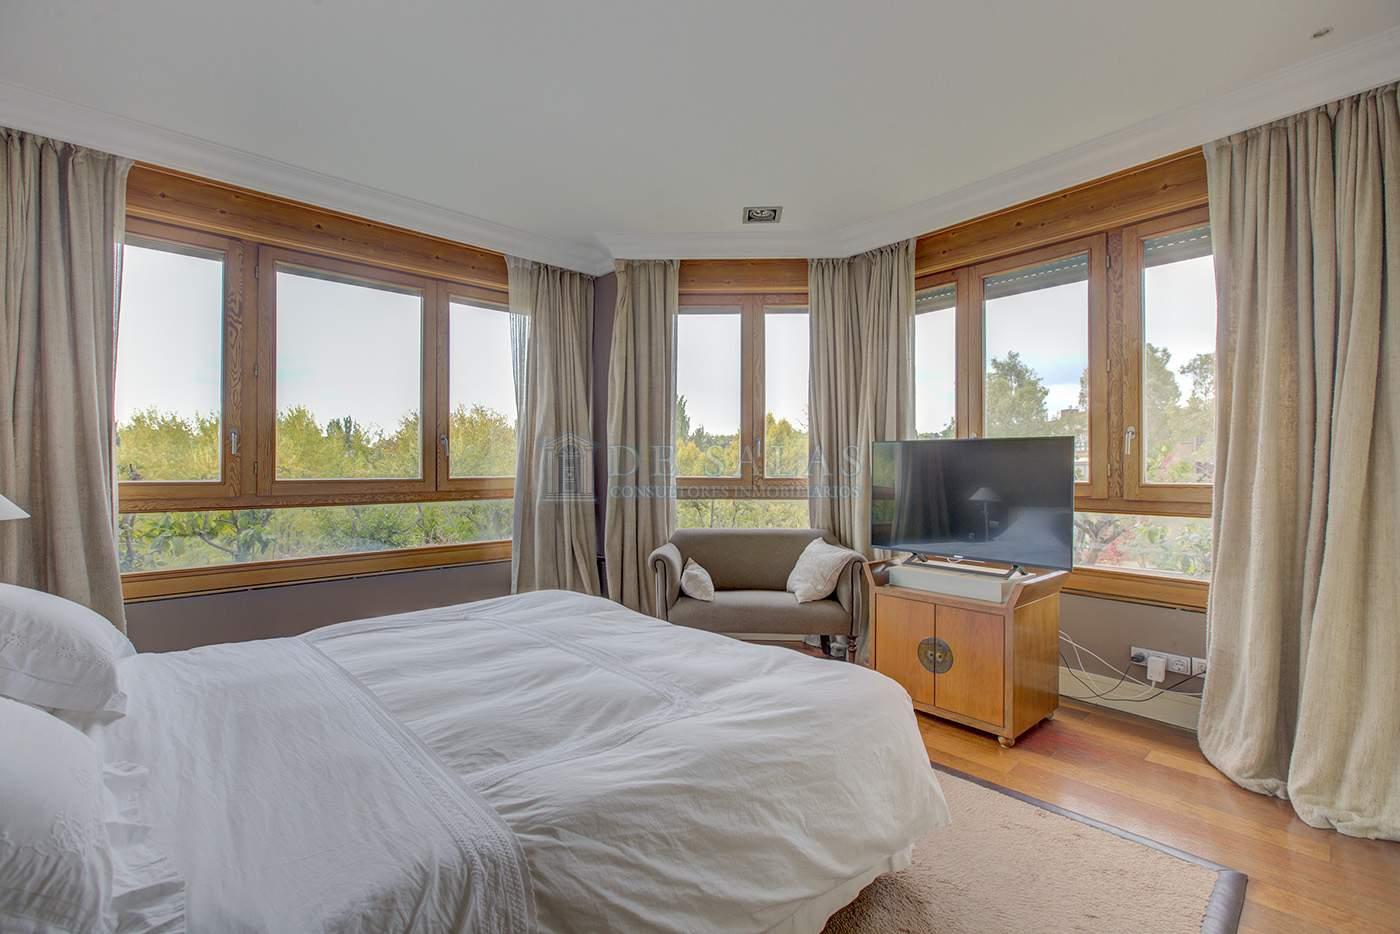 Dormitorio-IMG_8271_2_3 copia